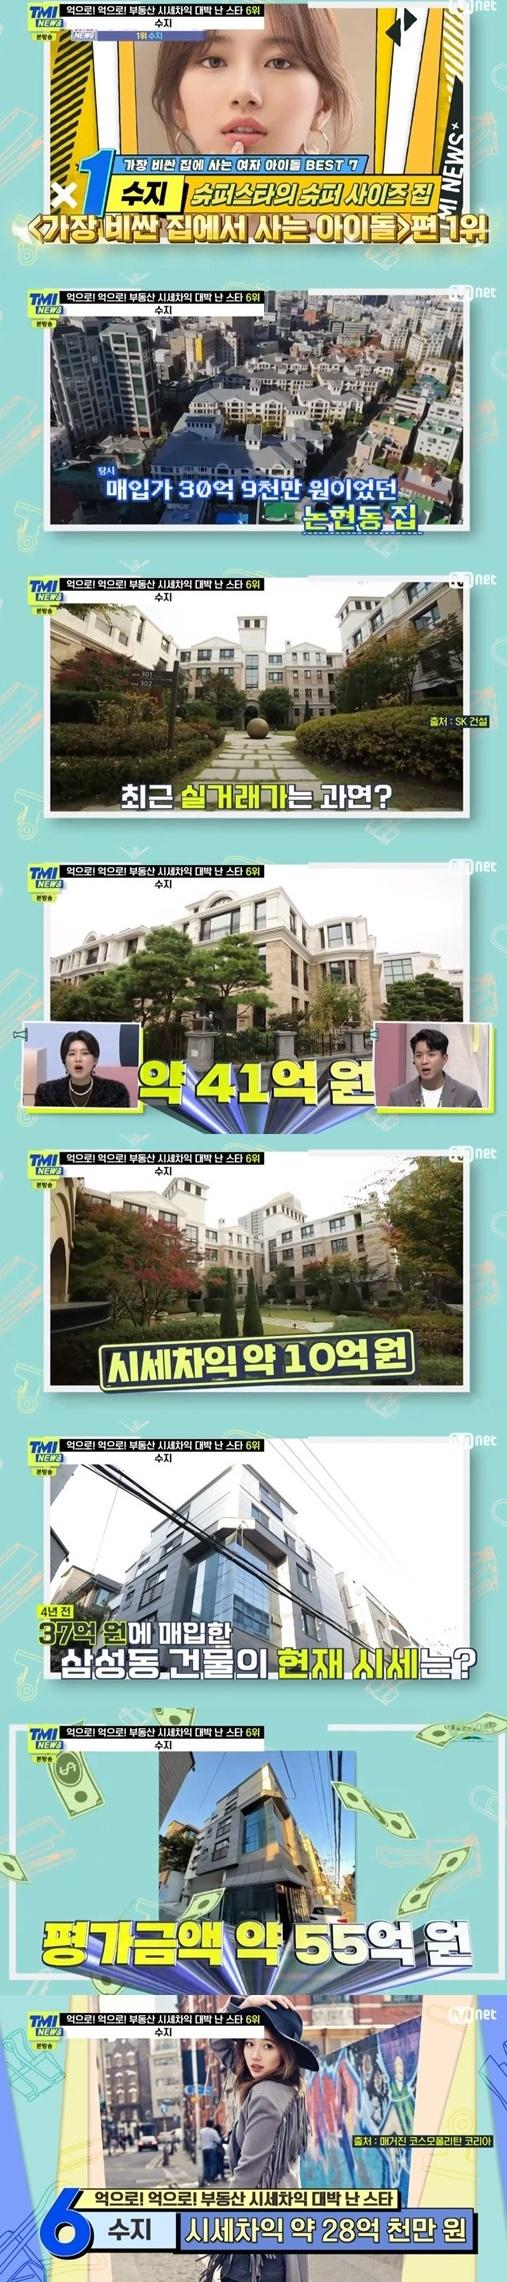 가수 겸 배우 수지가 부동산 시세차익 대박 난 스타 6위에 올랐다. /사진=Mnet 방송캡처